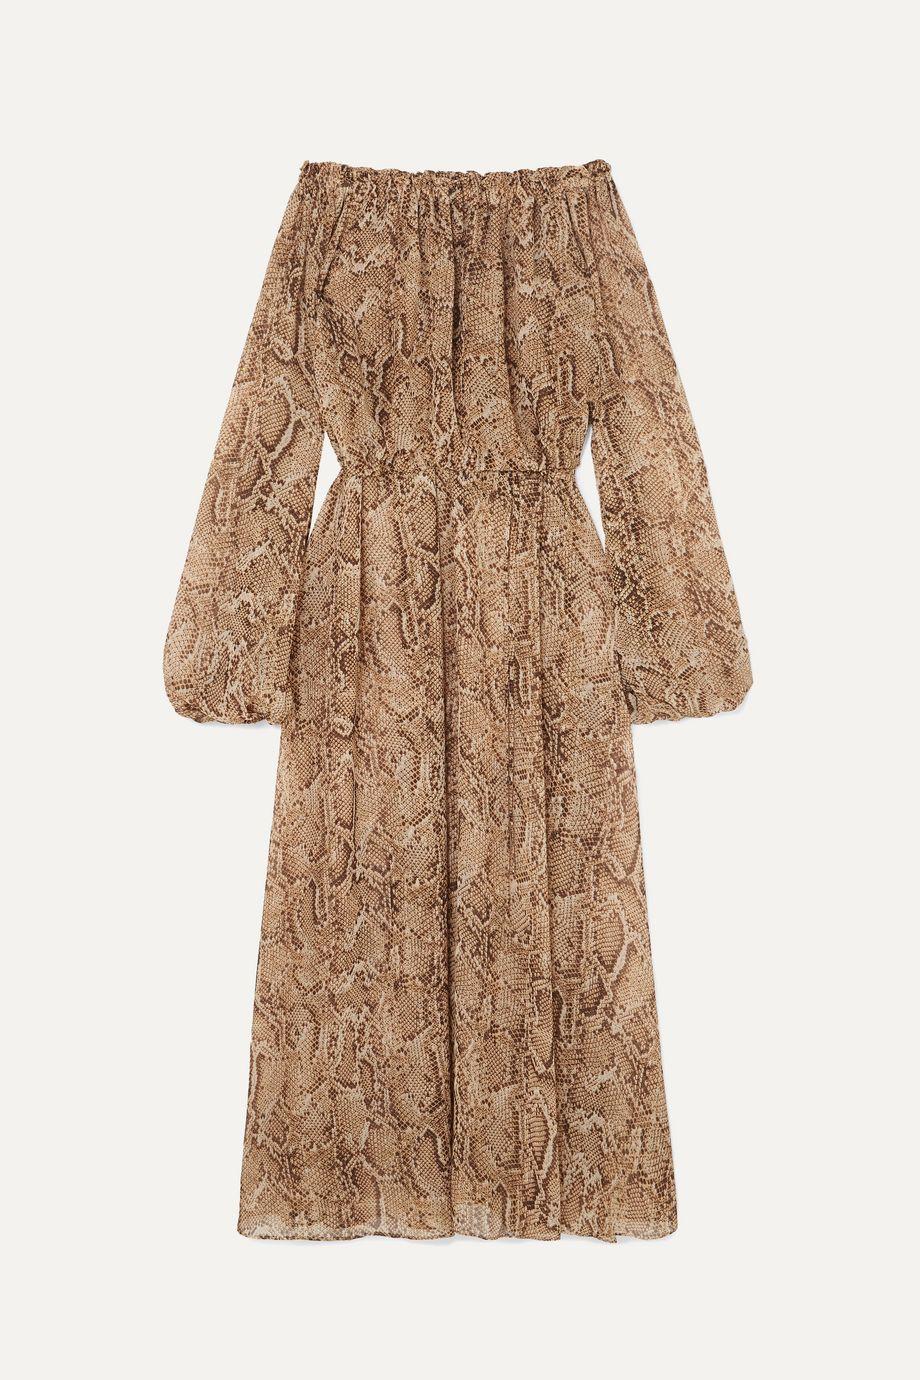 ROTATE Birger Christensen Off-the-shoulder snake-print chiffon maxi dress